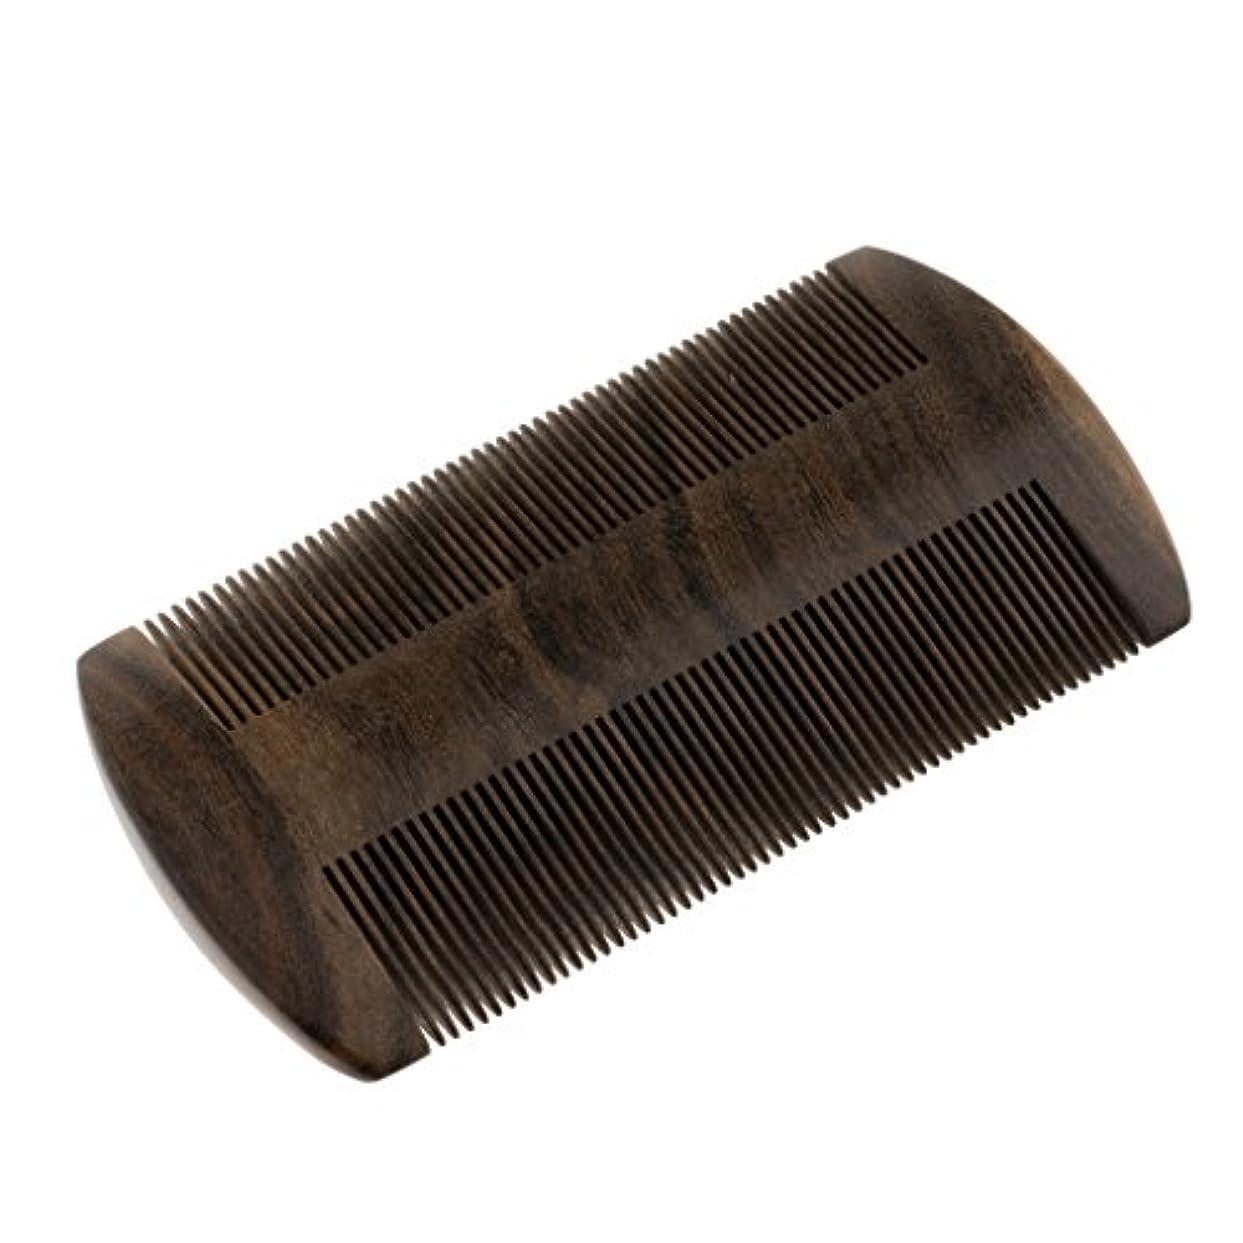 モーター浪費数学CUTICATE ヘアブラシ 静電気防止髭剃り櫛 ウッドコーム ミシュコーム 静電気防止